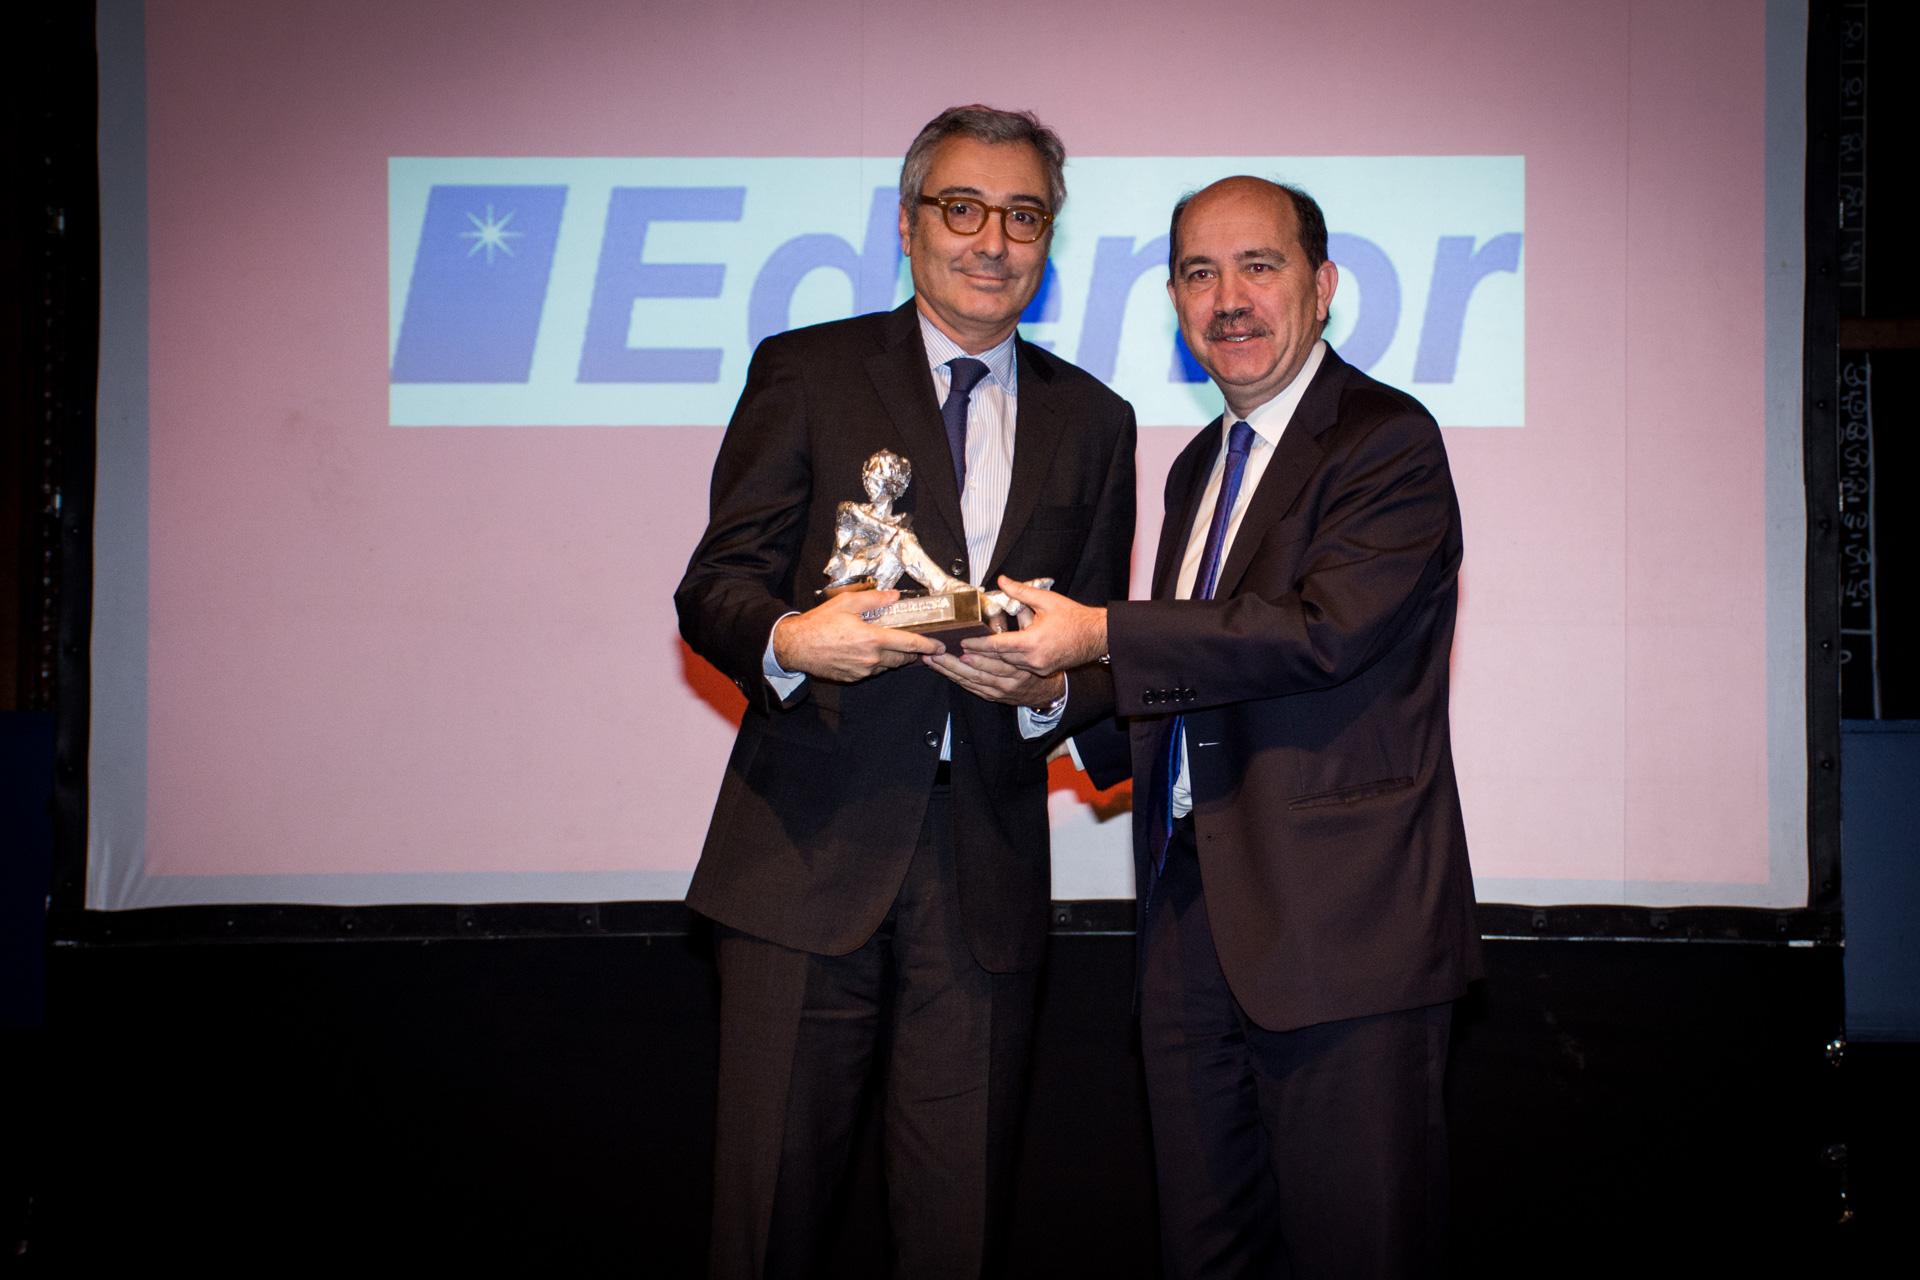 El Premio Fortuna de Plata a la Mayor Empresa fue para Edenor. Recibió su CEO y presidente, Ricardo Torres. El premio fue entregado por Javier Ortiz Batalla, presidente del Banco Ciudad